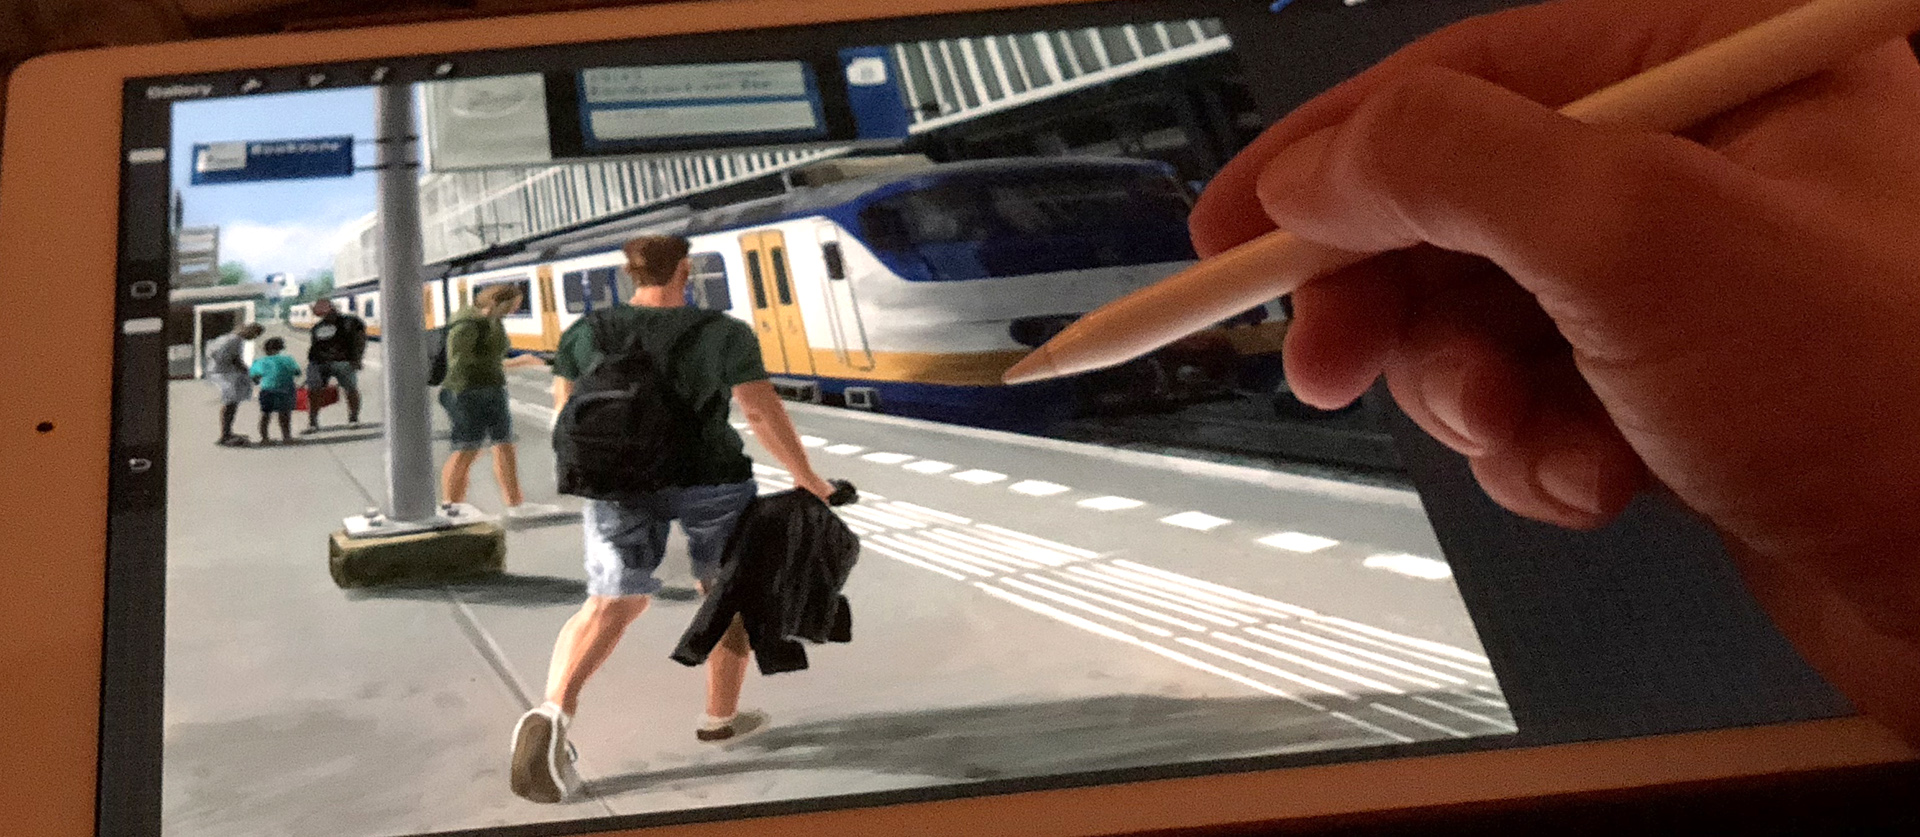 iPad schilderij van Stefan de Groot voor Zandvoorts Museum